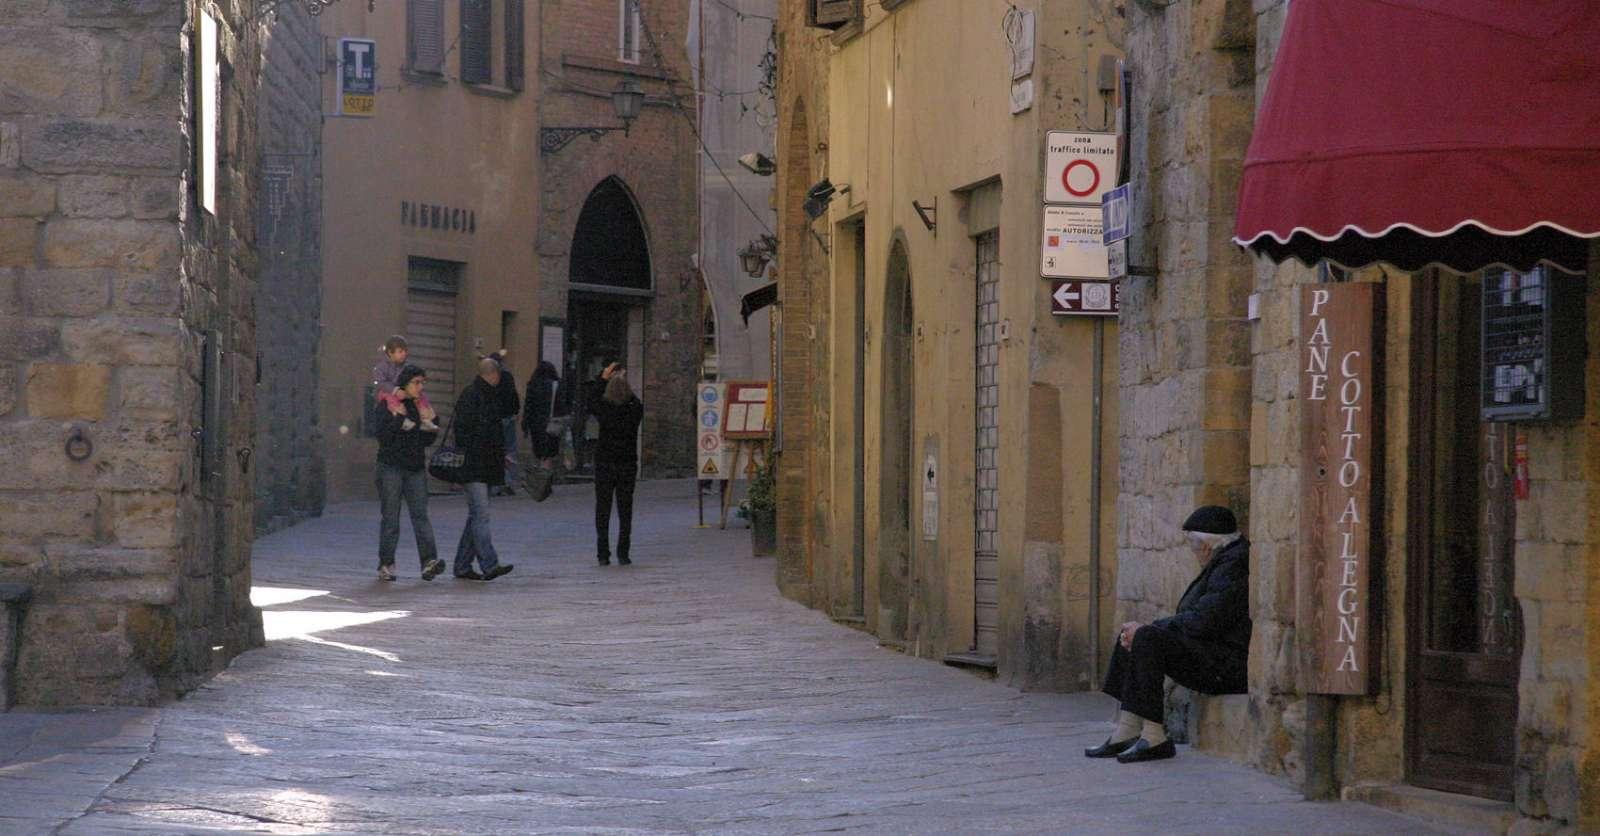 Via dei Sarti i Volterras historiska centrum